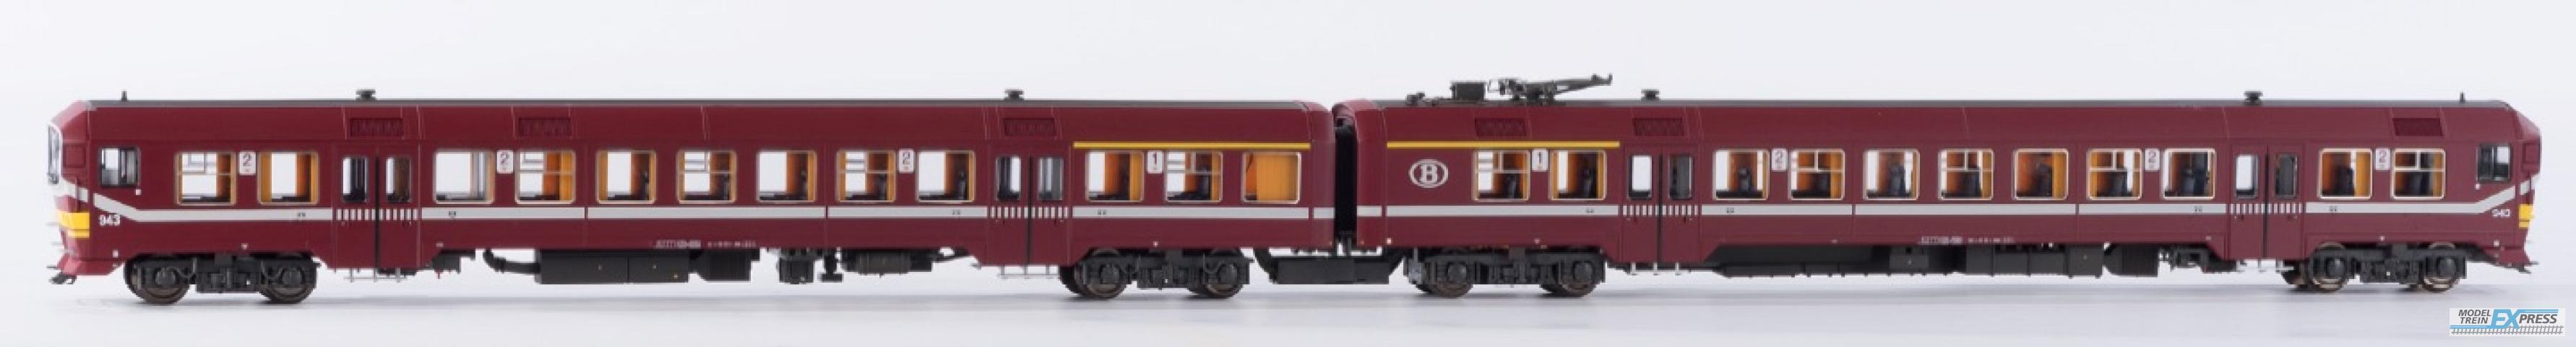 B-Models 4003.04